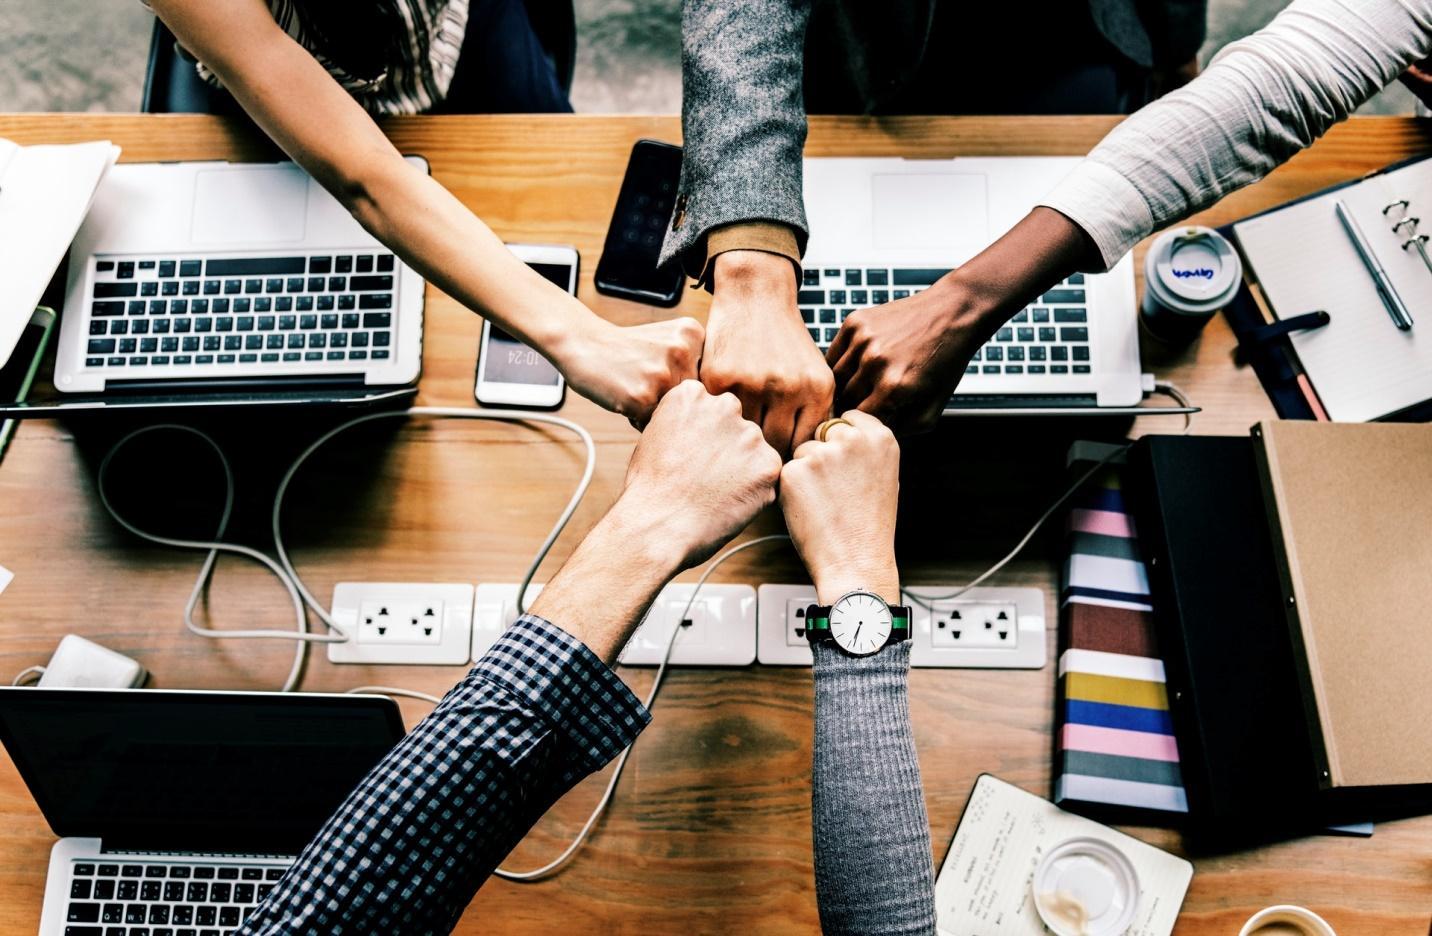 Rèn luyện kĩ năng hợp tác – Để cùng thích ứng với cuộc Cách mạng 4.0